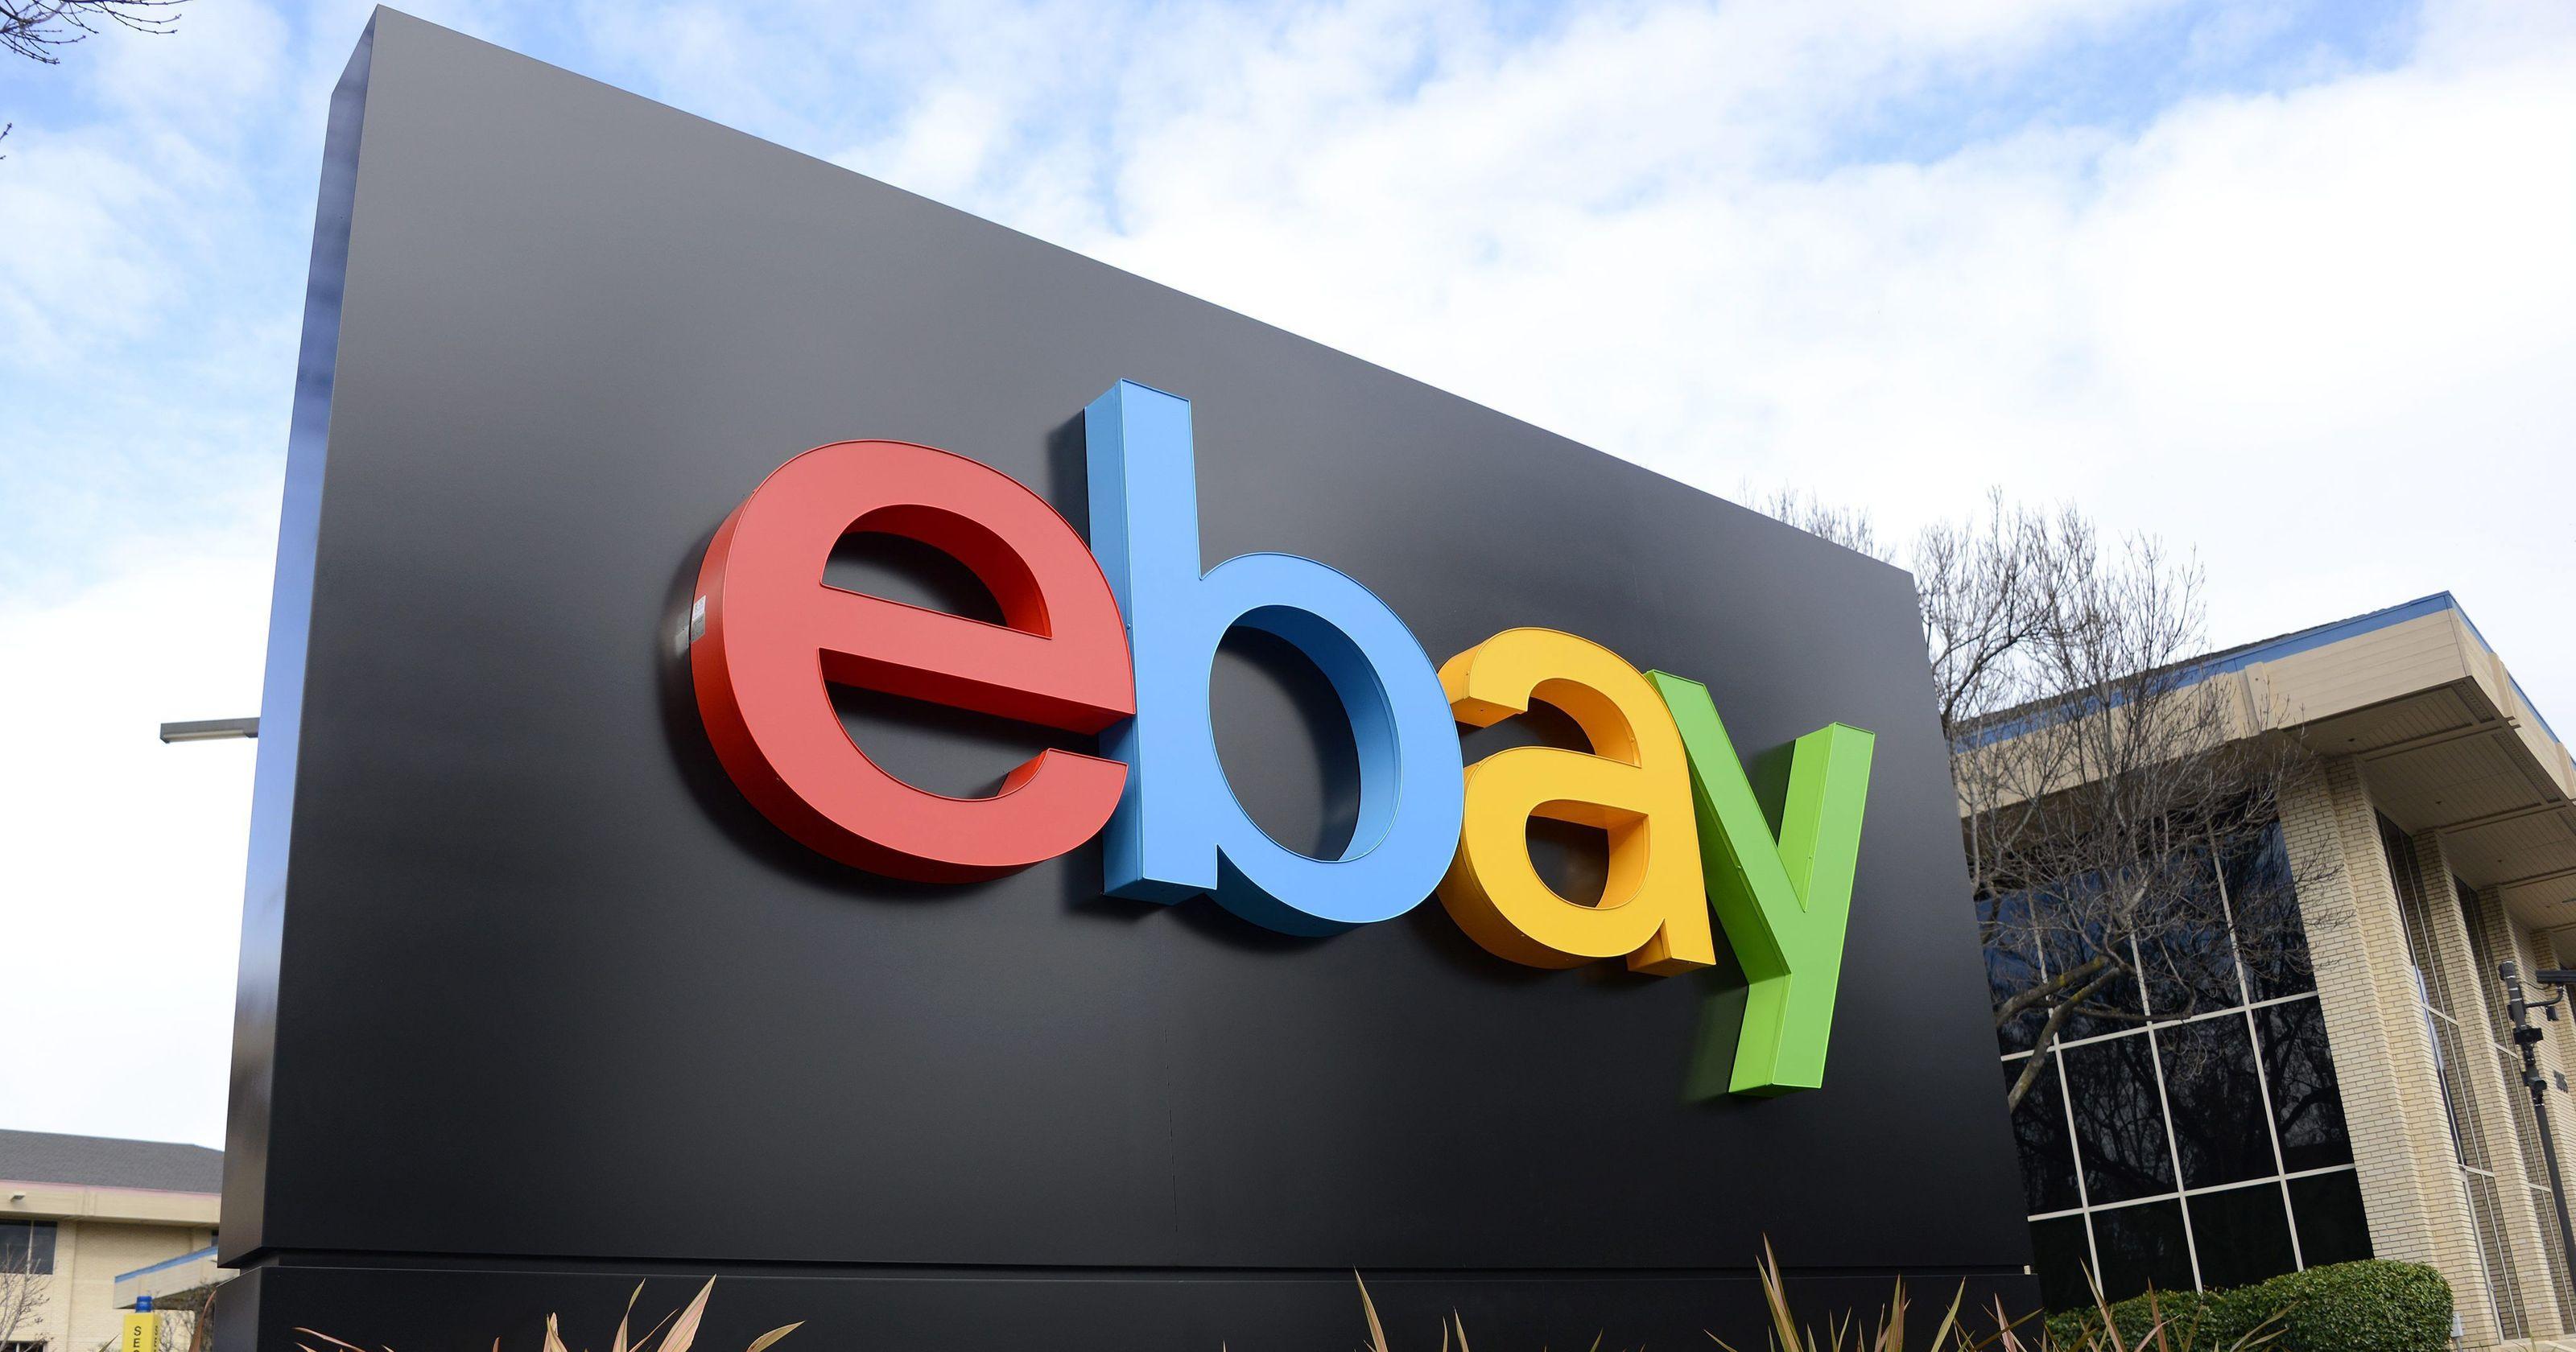 Σύζυγος πουλάει …τον άντρα της στο ebay… Για 18 ευρώ (pic)